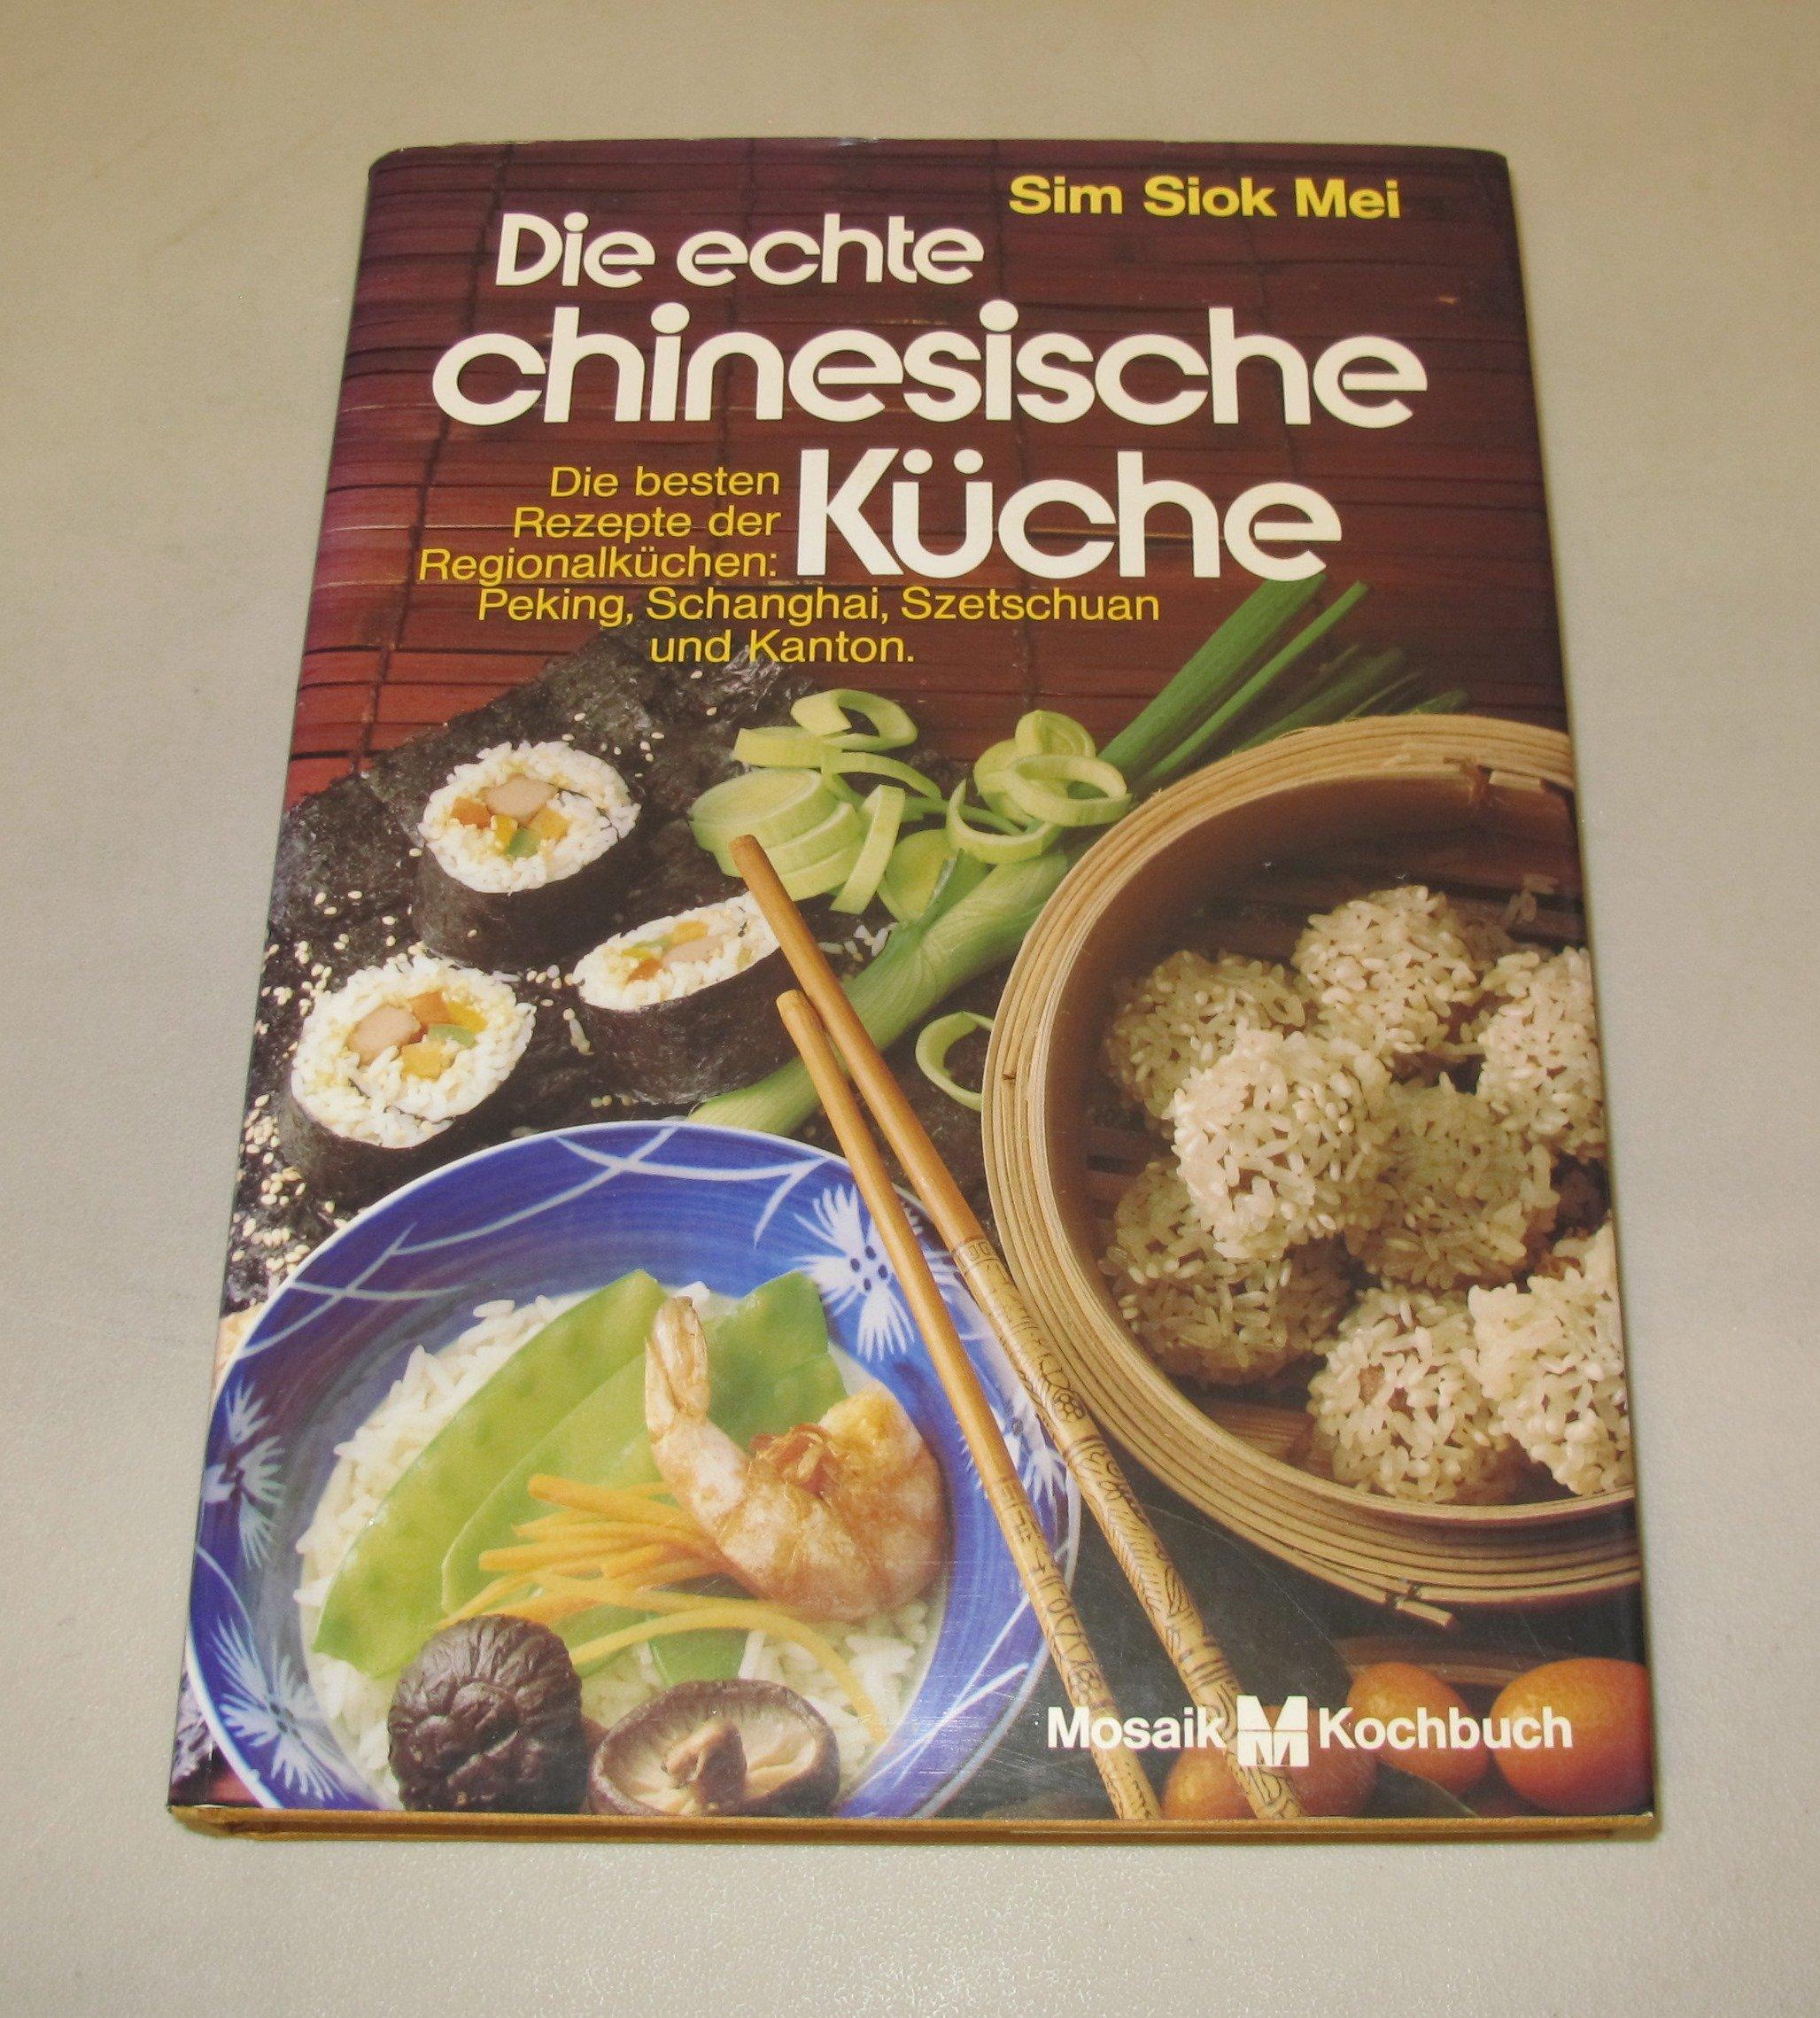 Die echte chinesische Küche: Amazon.de: Sim Siok Mei: Bücher